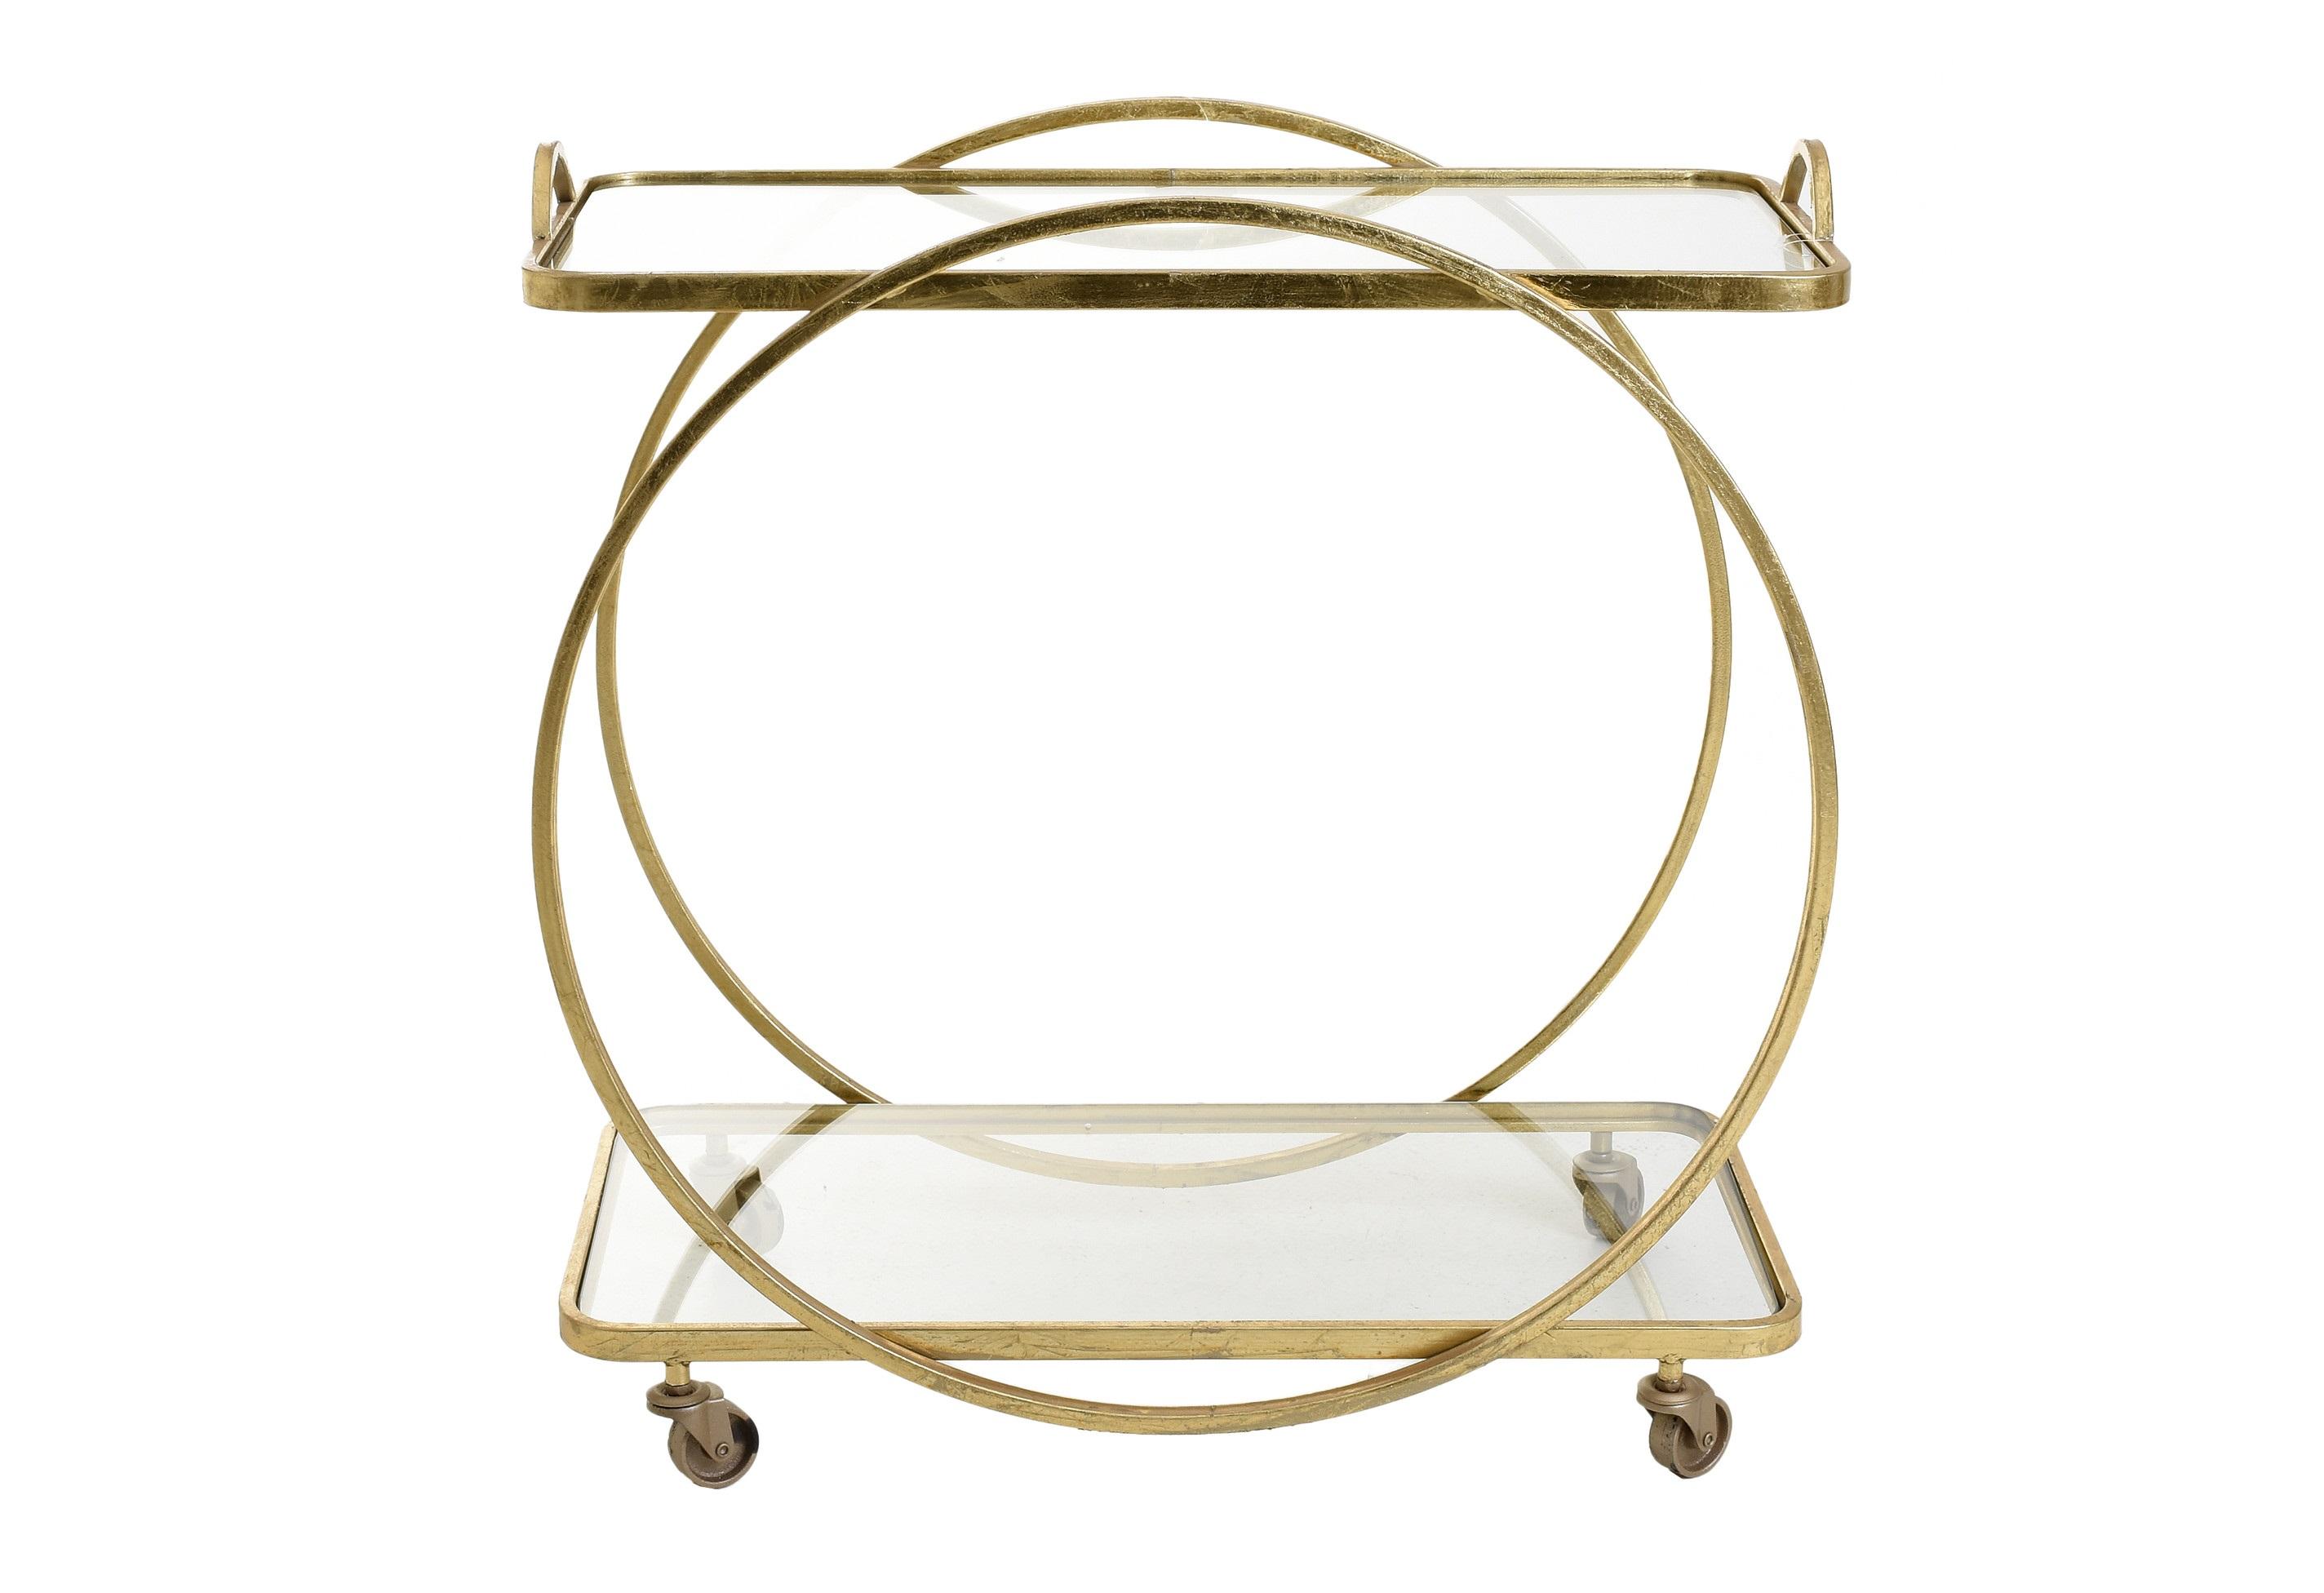 Стол-поднос на колесах stavanger (to4rooms) золотой 71x74x38 см.